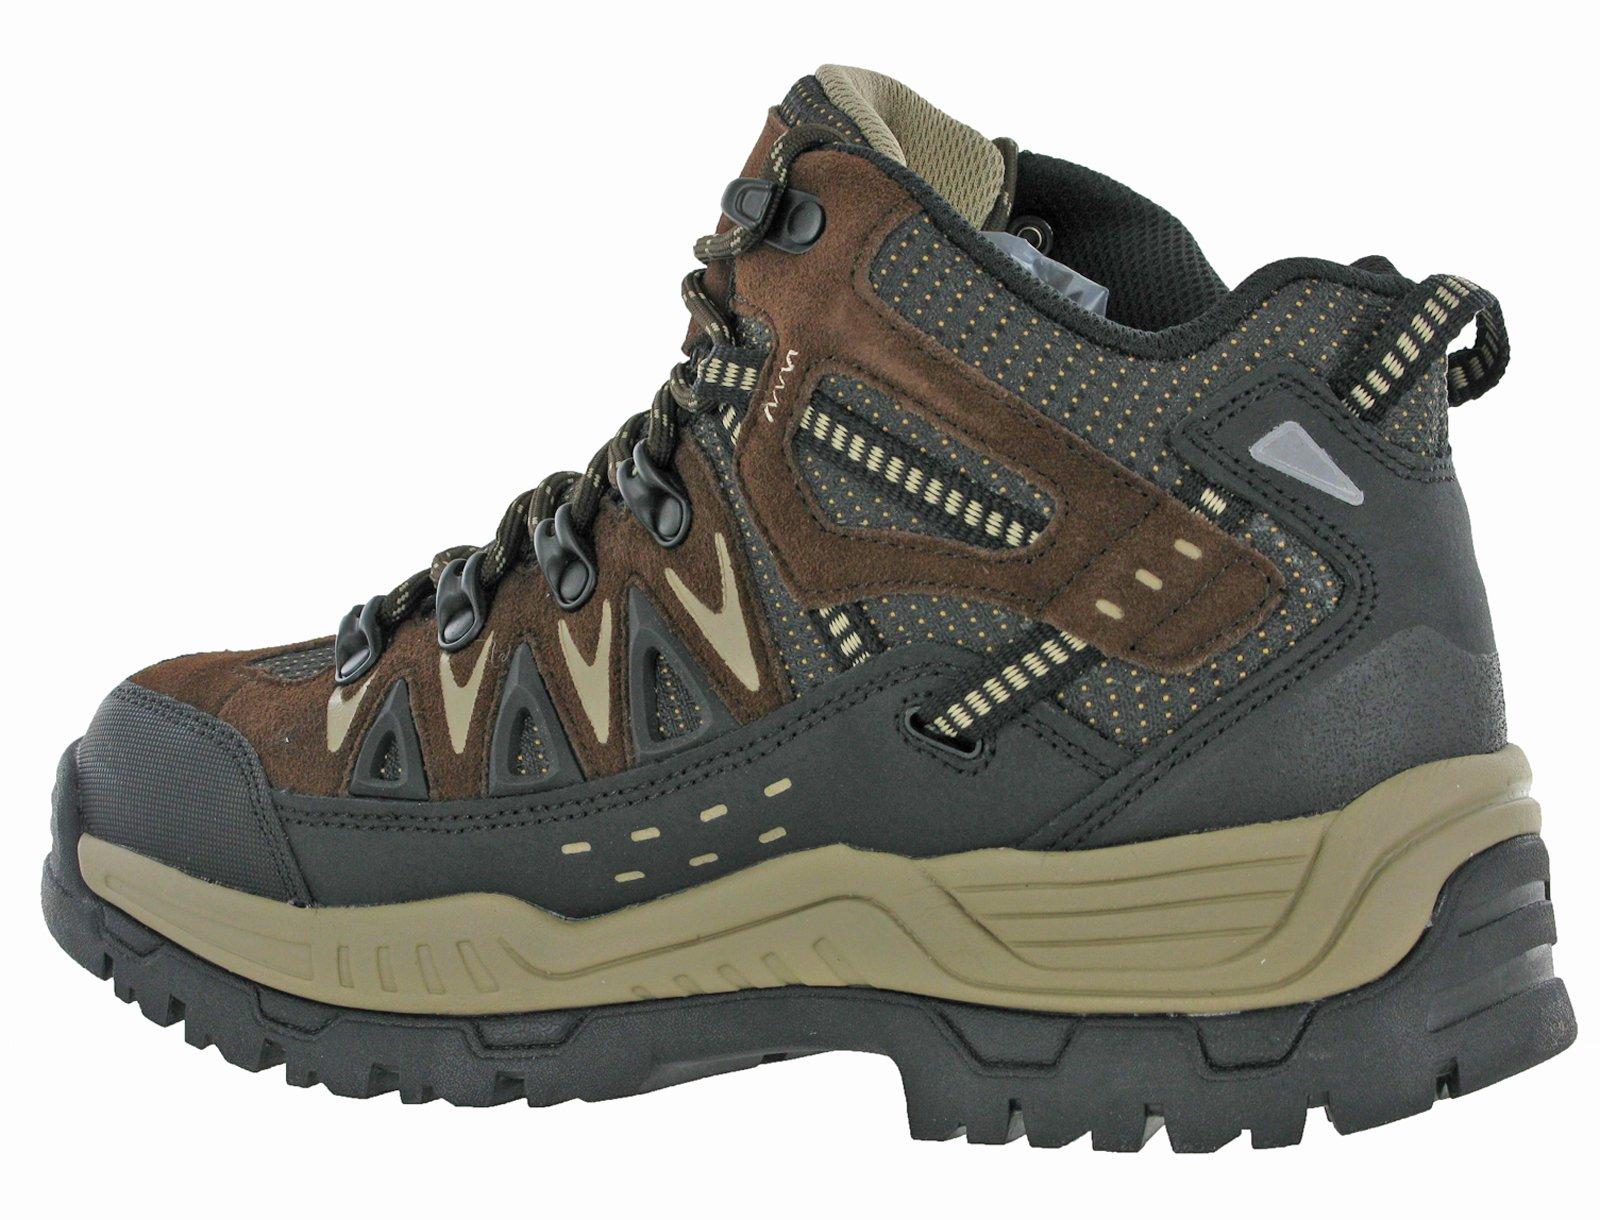 Northwest Mens Piers Hi Cut Brown/Beige Ankle Walking Boots 4